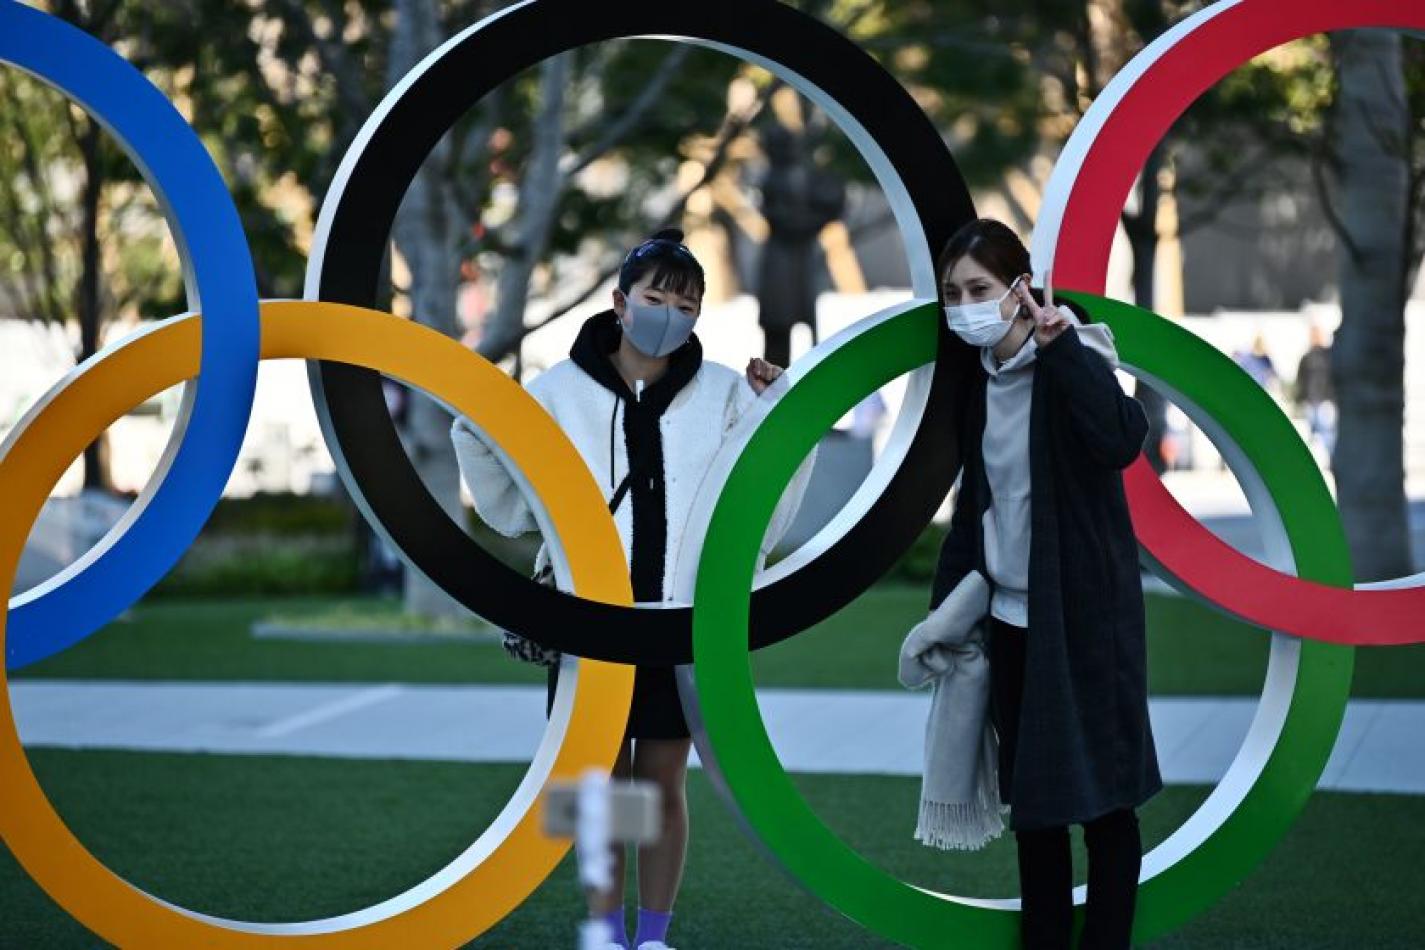 Advierten que los Juegos Olímpicos podrían cancelarse